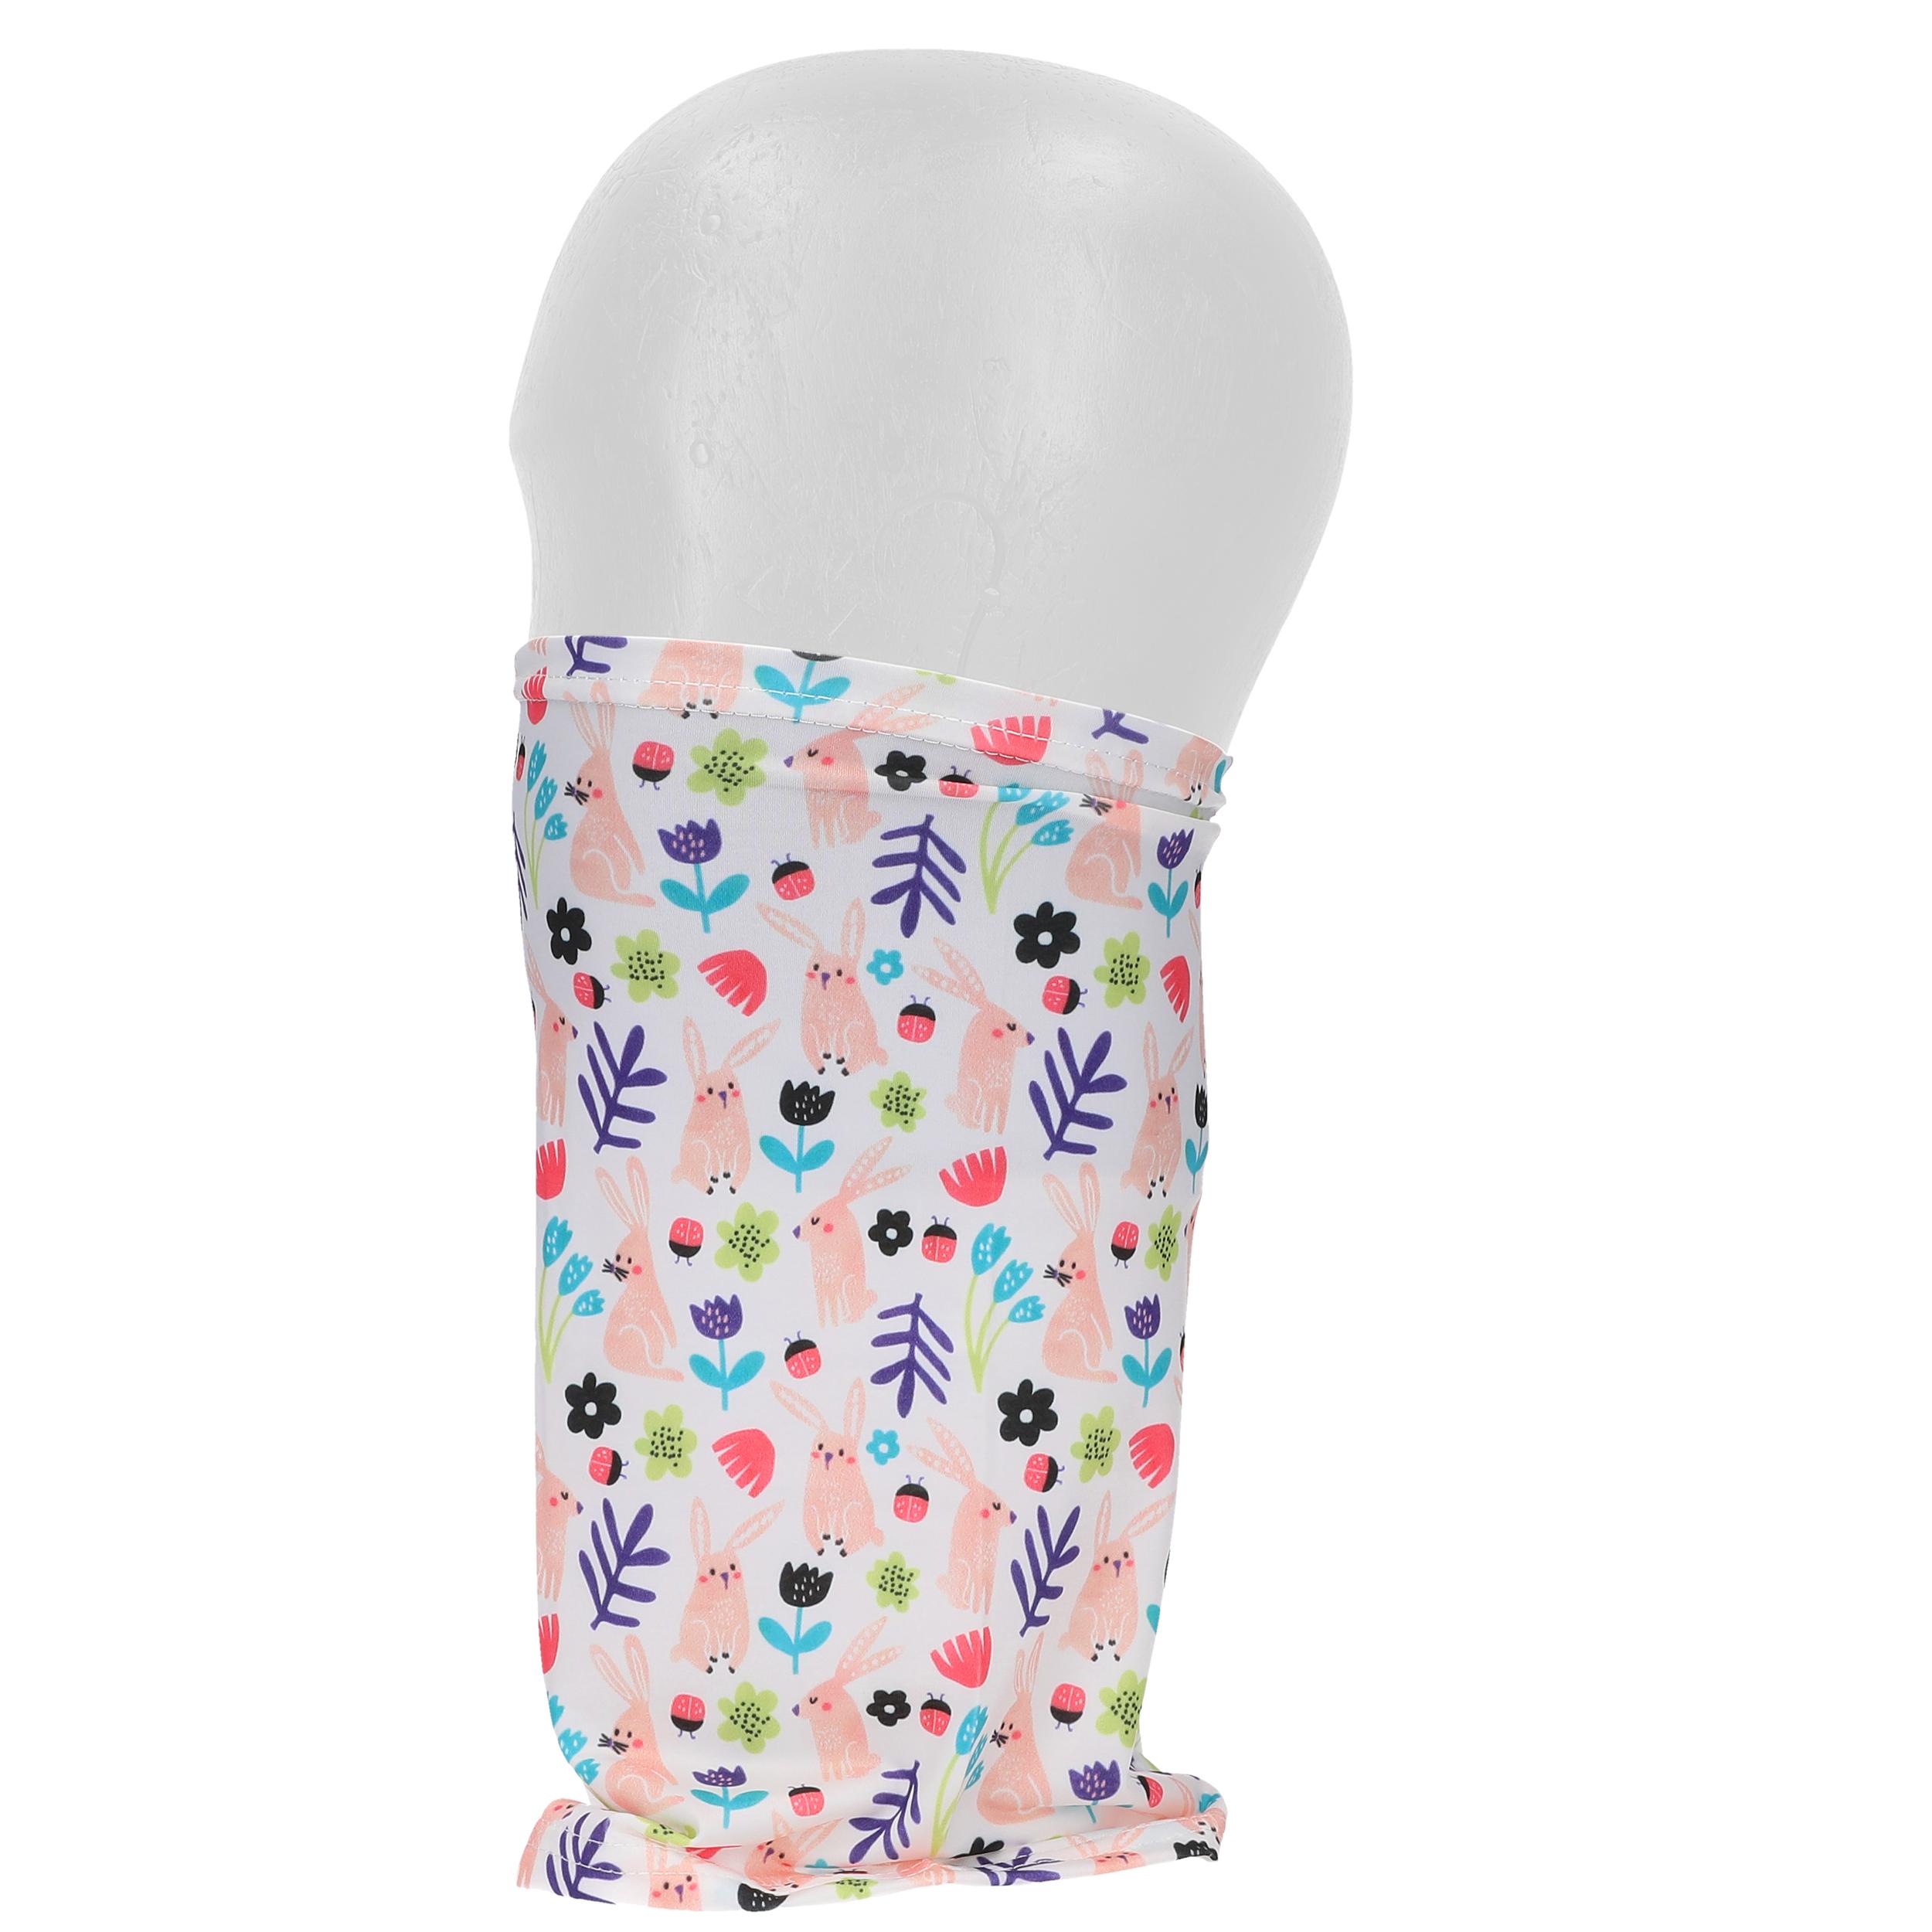 Indexbild 130 - Kinder Schlauchschal Maske Gesichtsmaske Mund Nase Bedeckung Halstuch waschbar